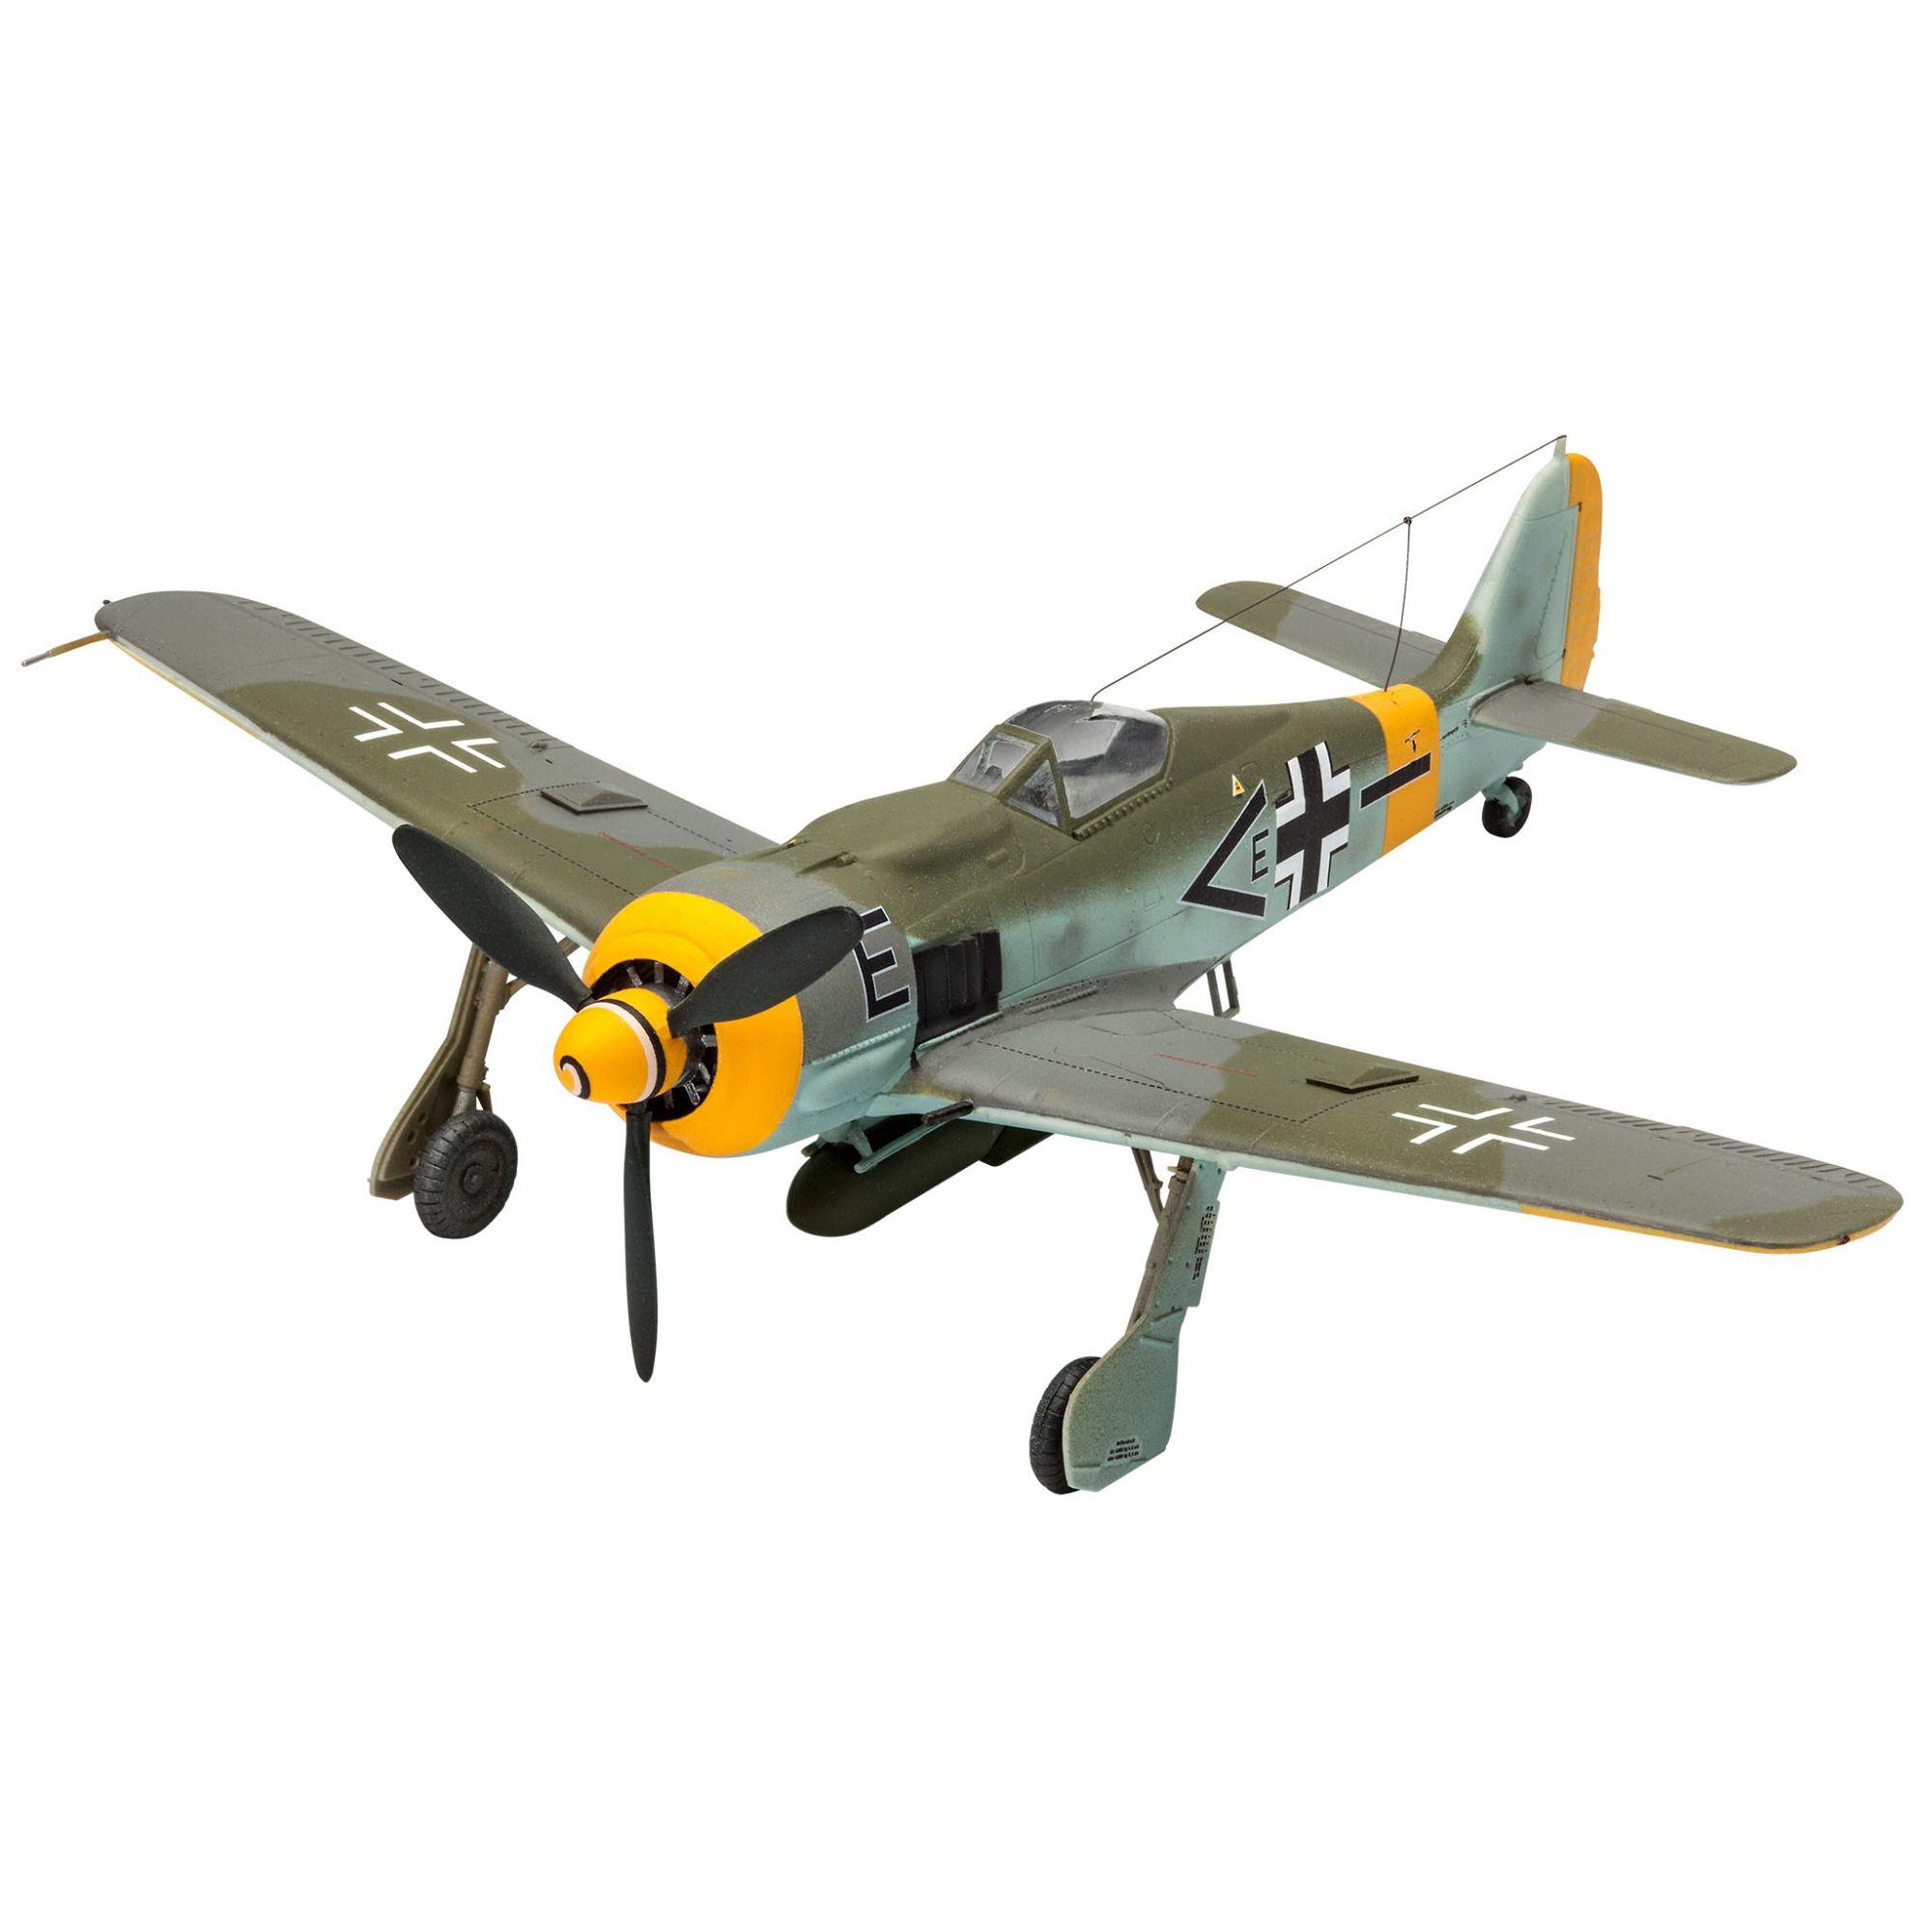 Focke Wulf Fw 190 F-8 - 1/72 - Revell 03898  - BLIMPS COMÉRCIO ELETRÔNICO